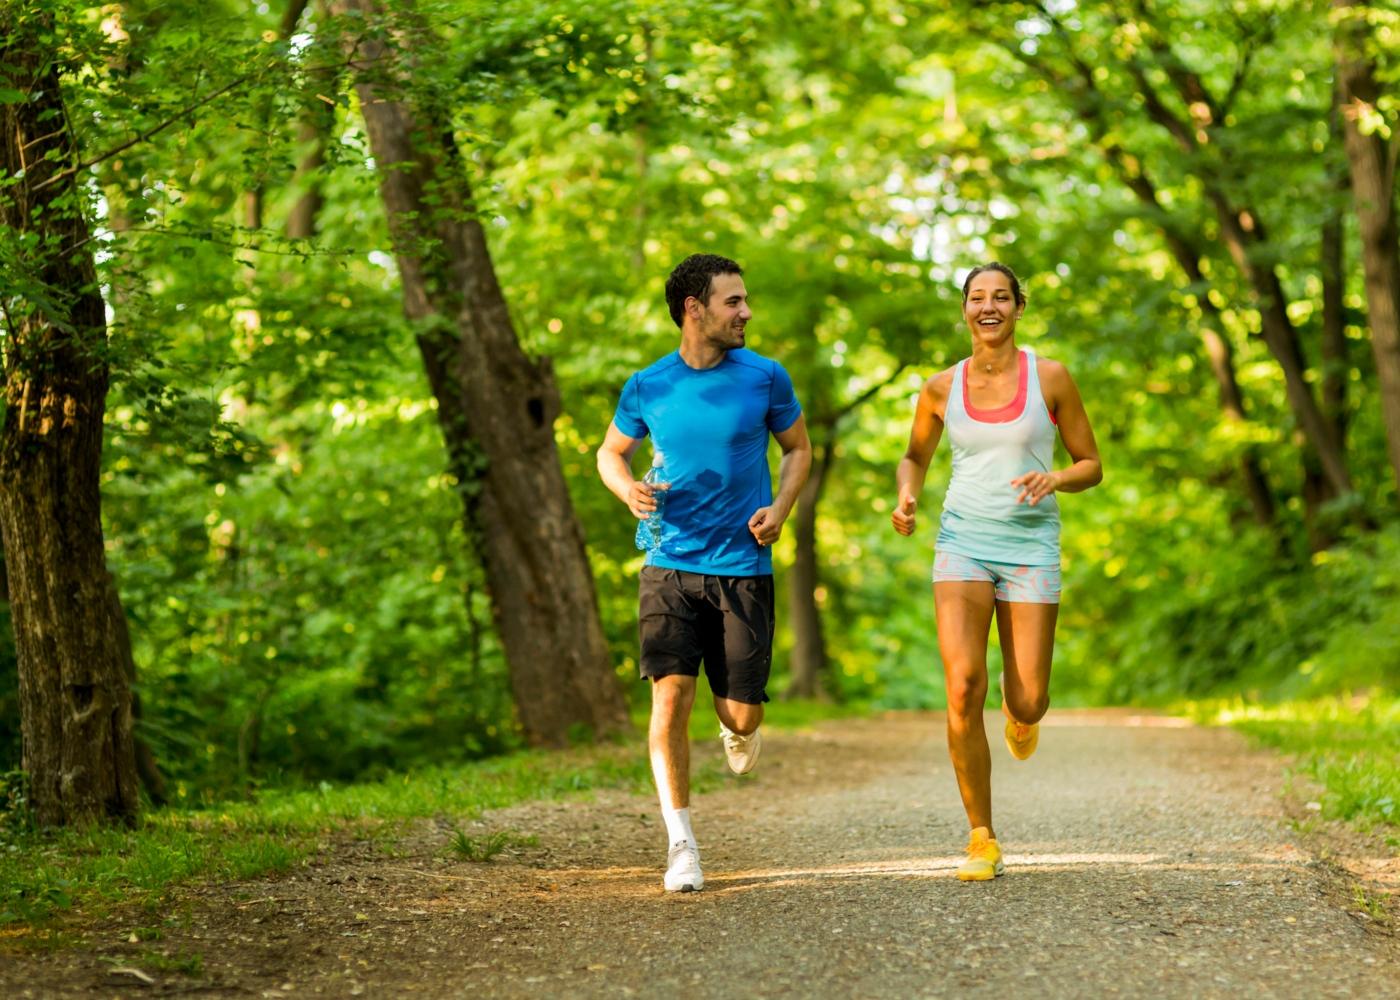 Casal a correr no parque